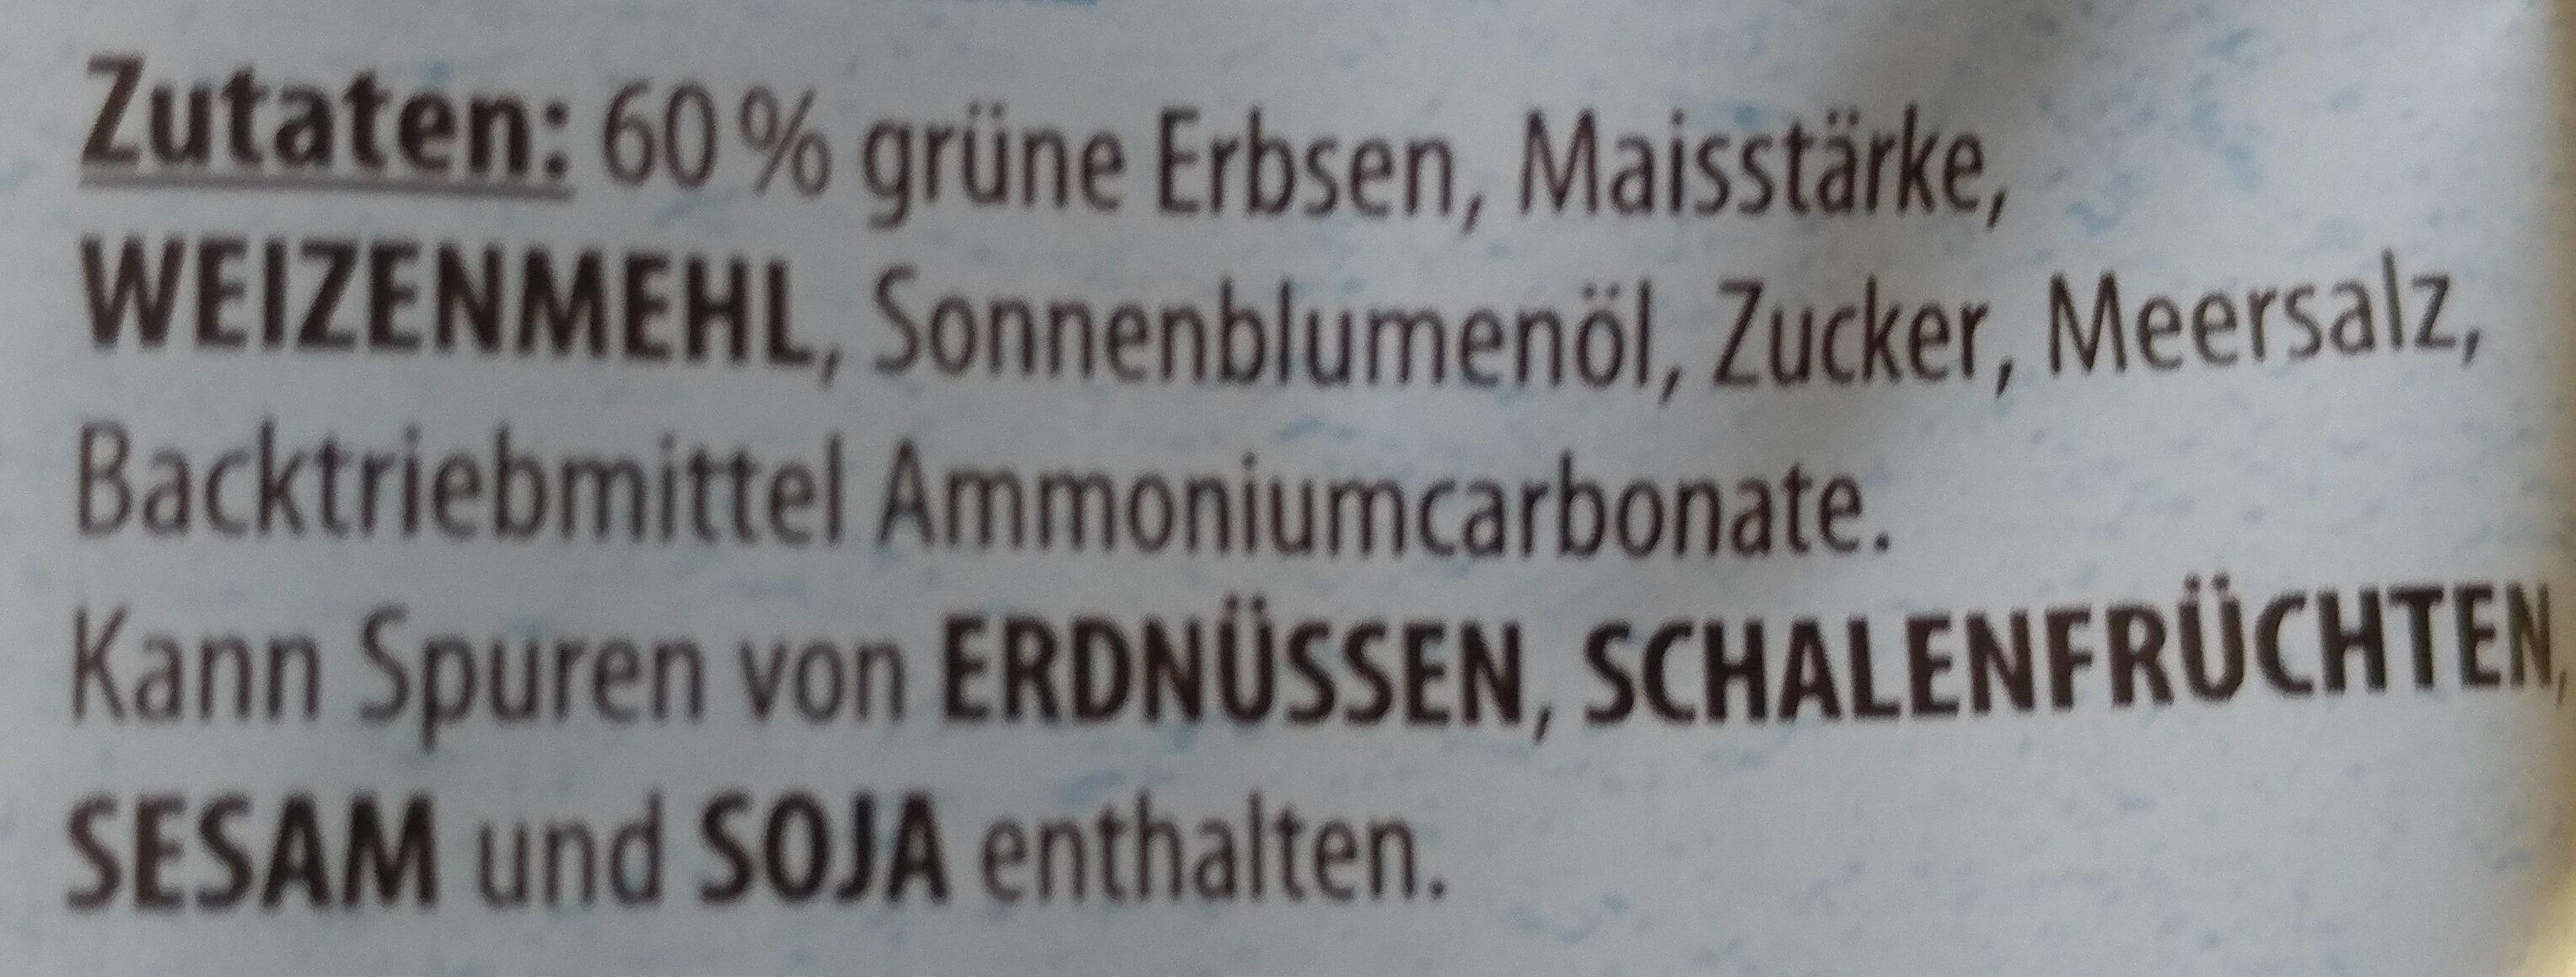 Knusper Erbsen - Ingredienti - de